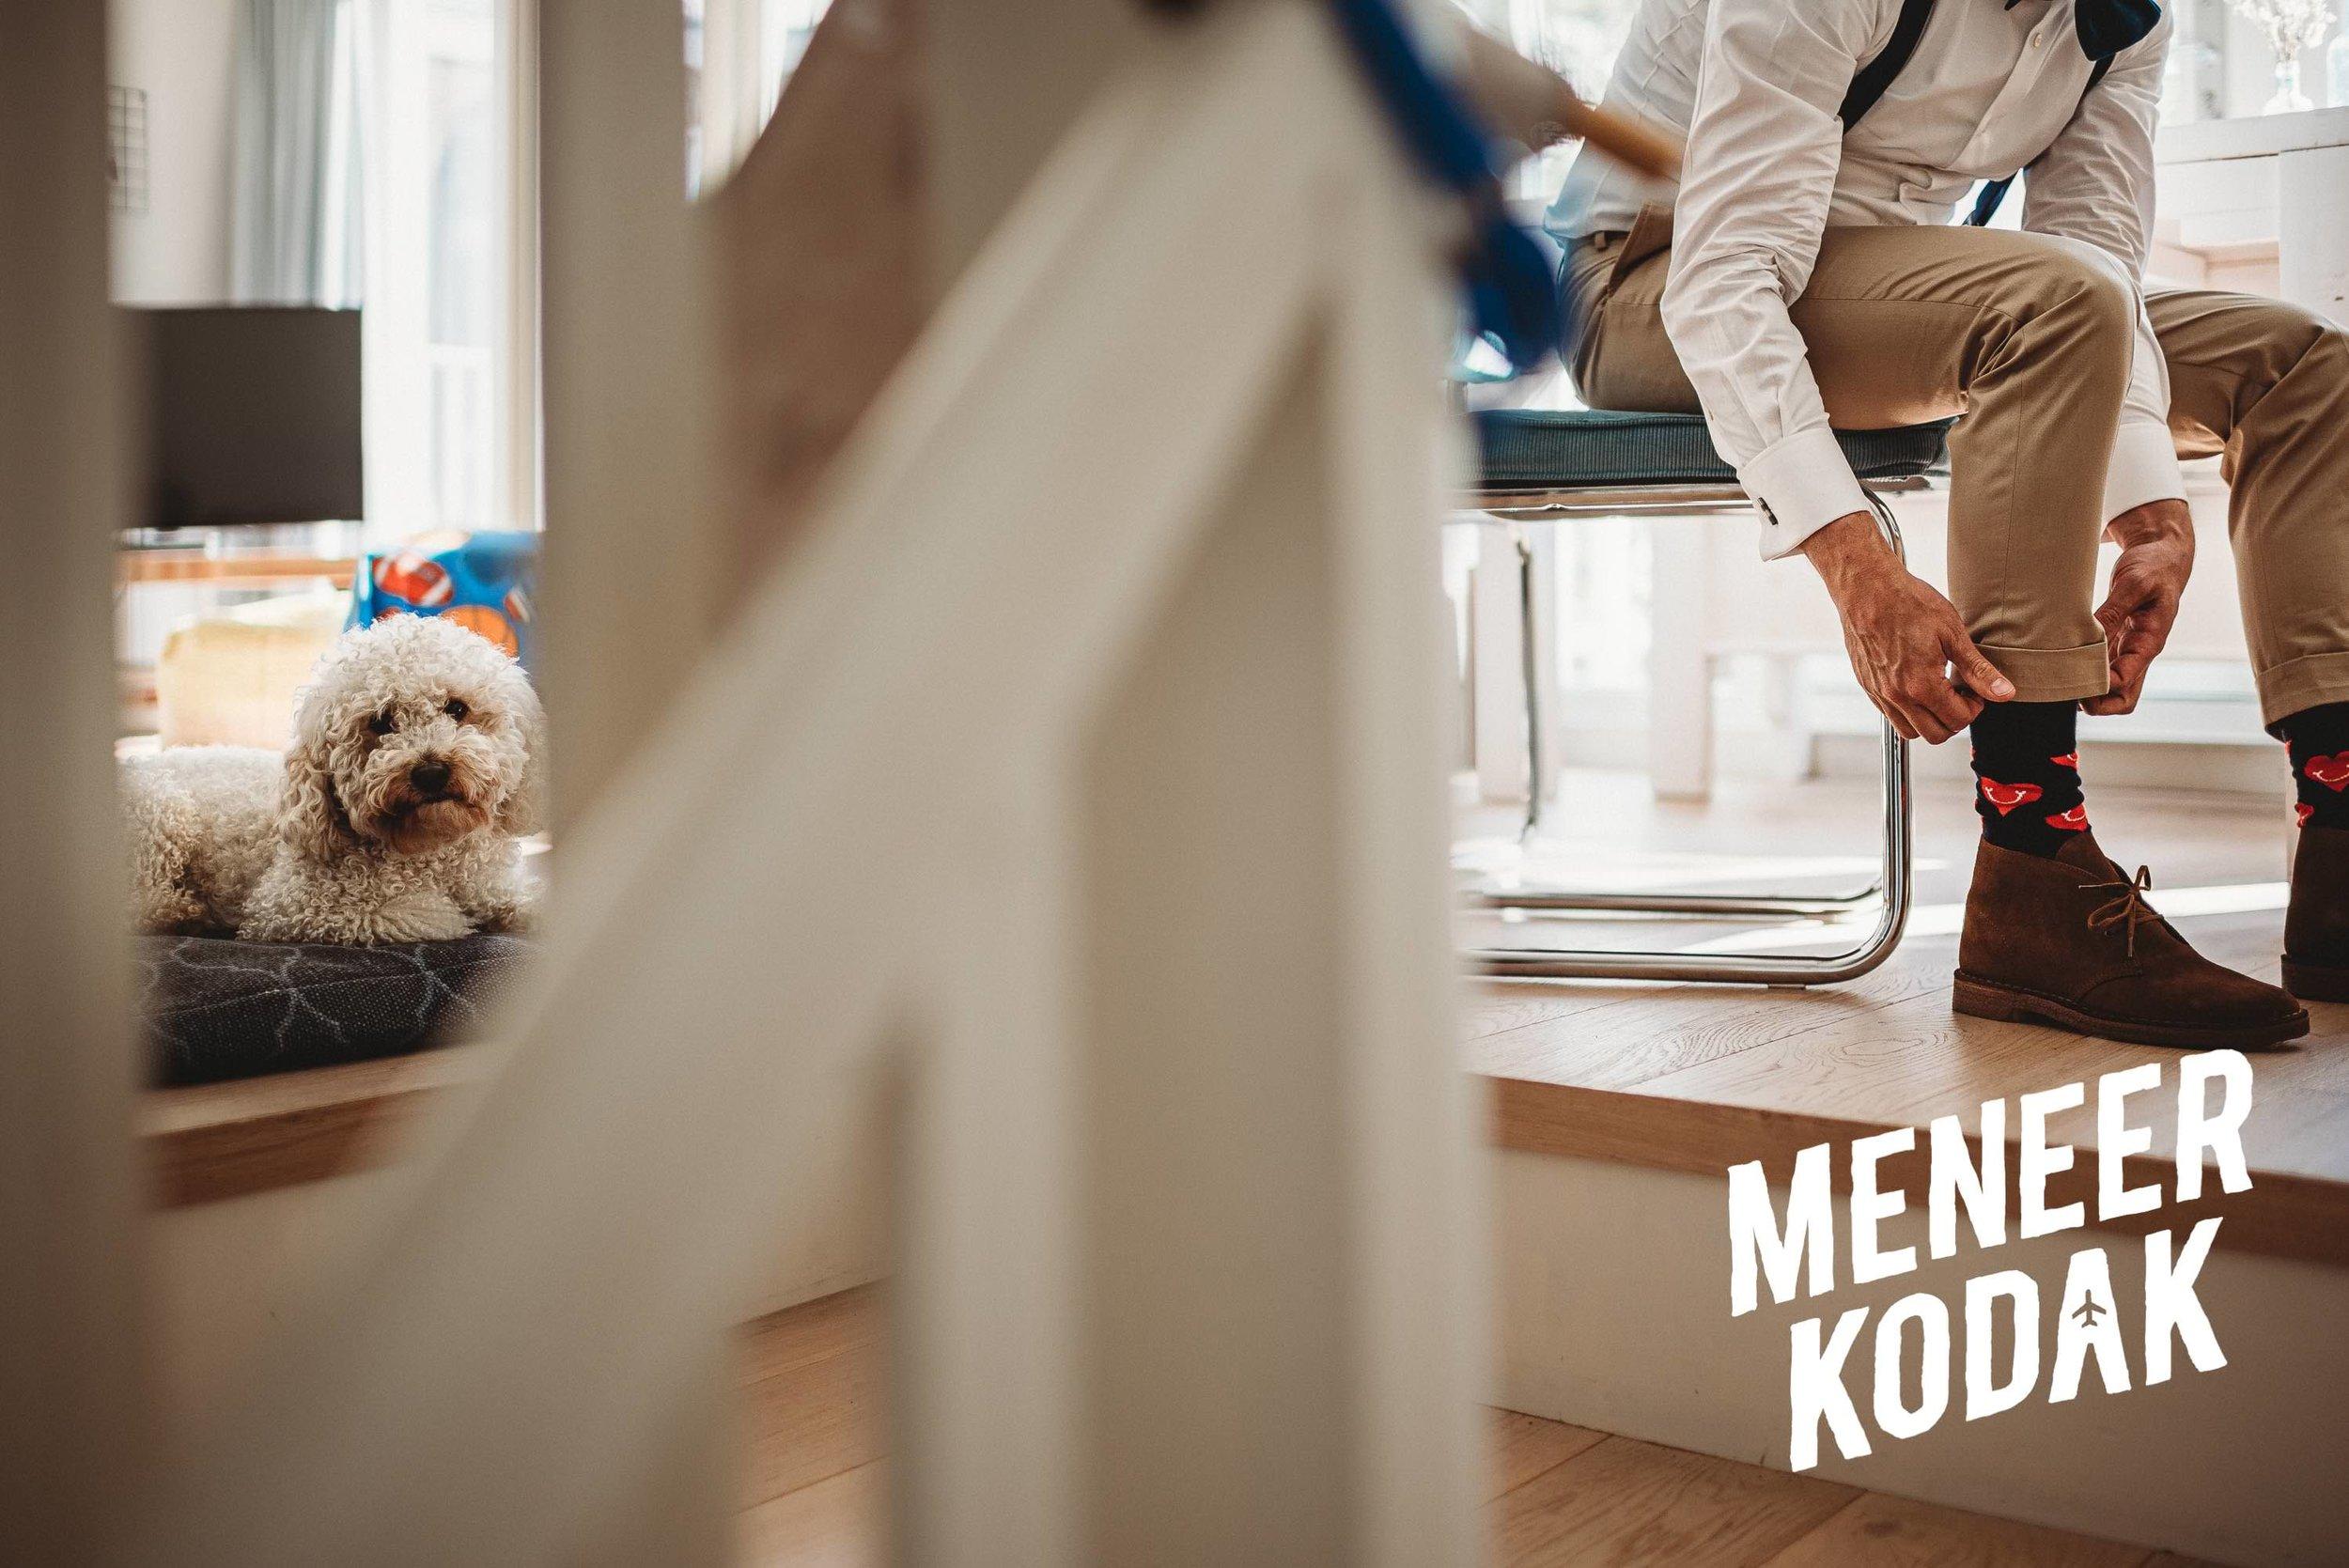 Meneer Kodak - Bruidsfotograaf - Amsterdam - M&J-004.jpg